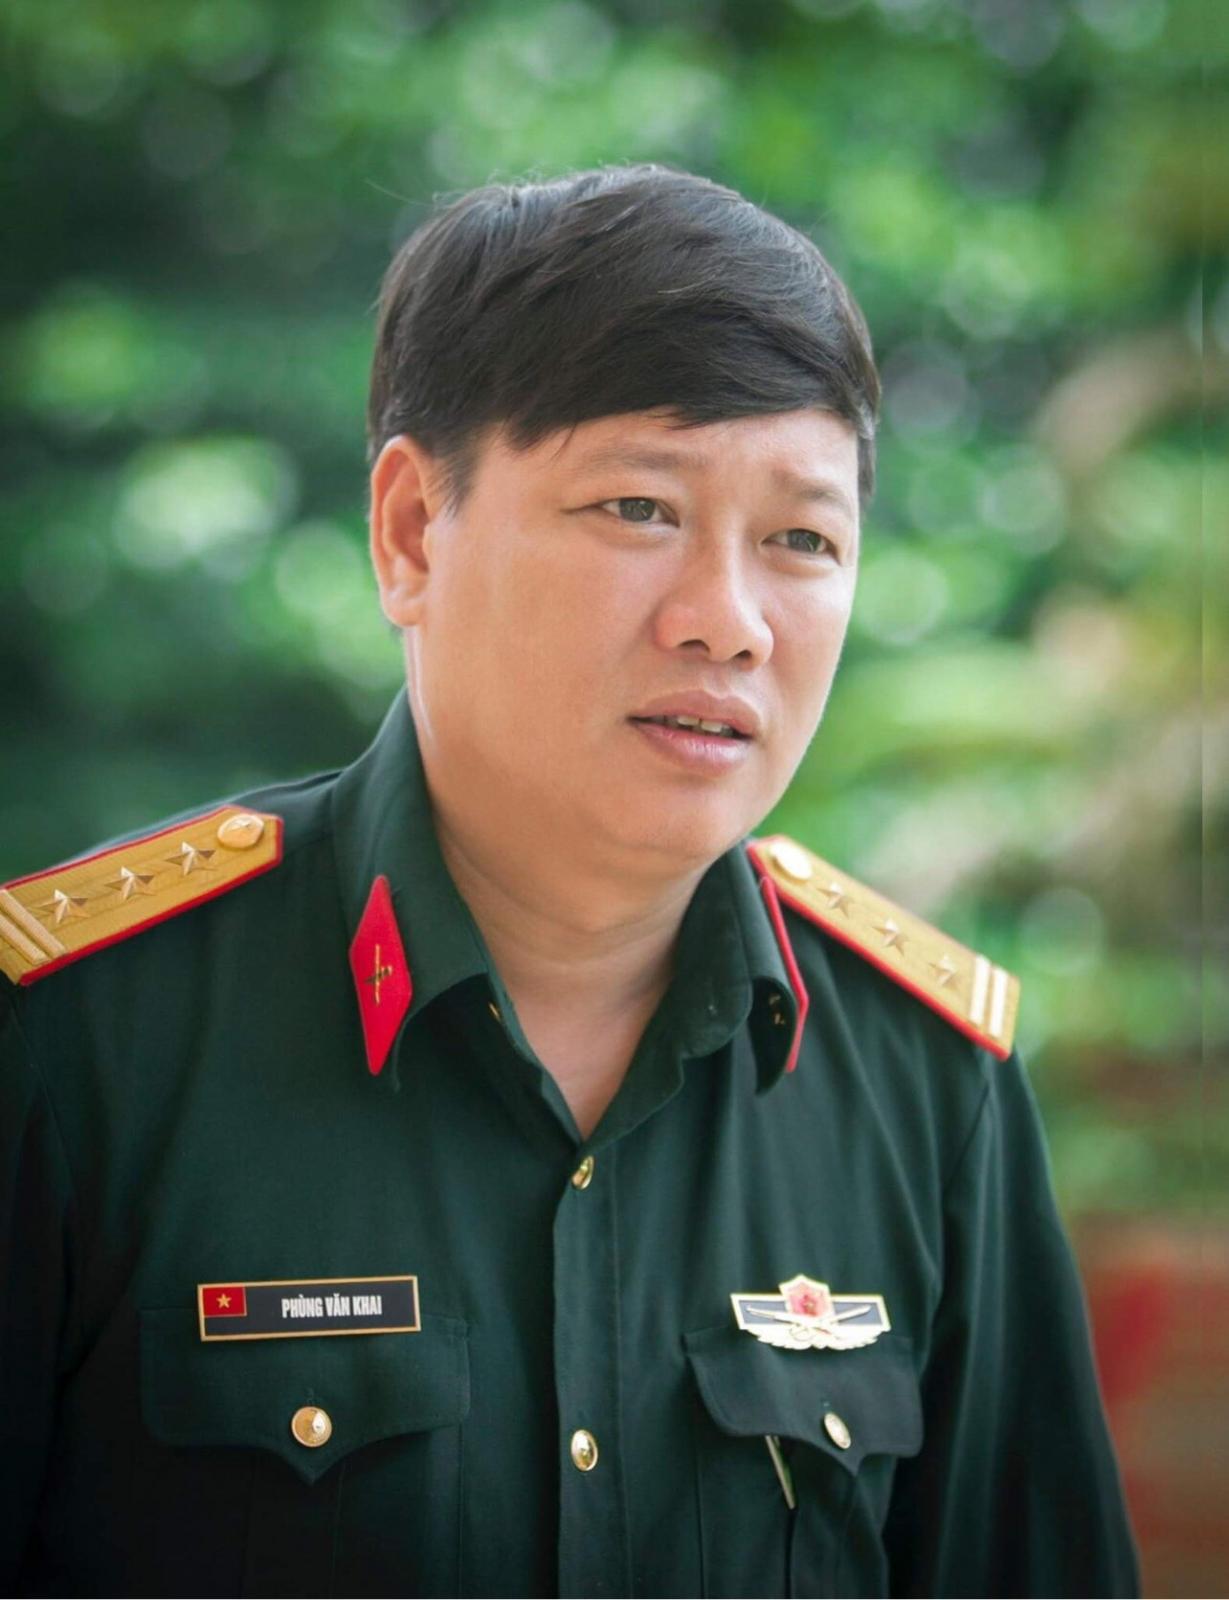 Nhà văn quân đội Phùng Văn Khai: Tôi đến với lịch sử như một cái duyên